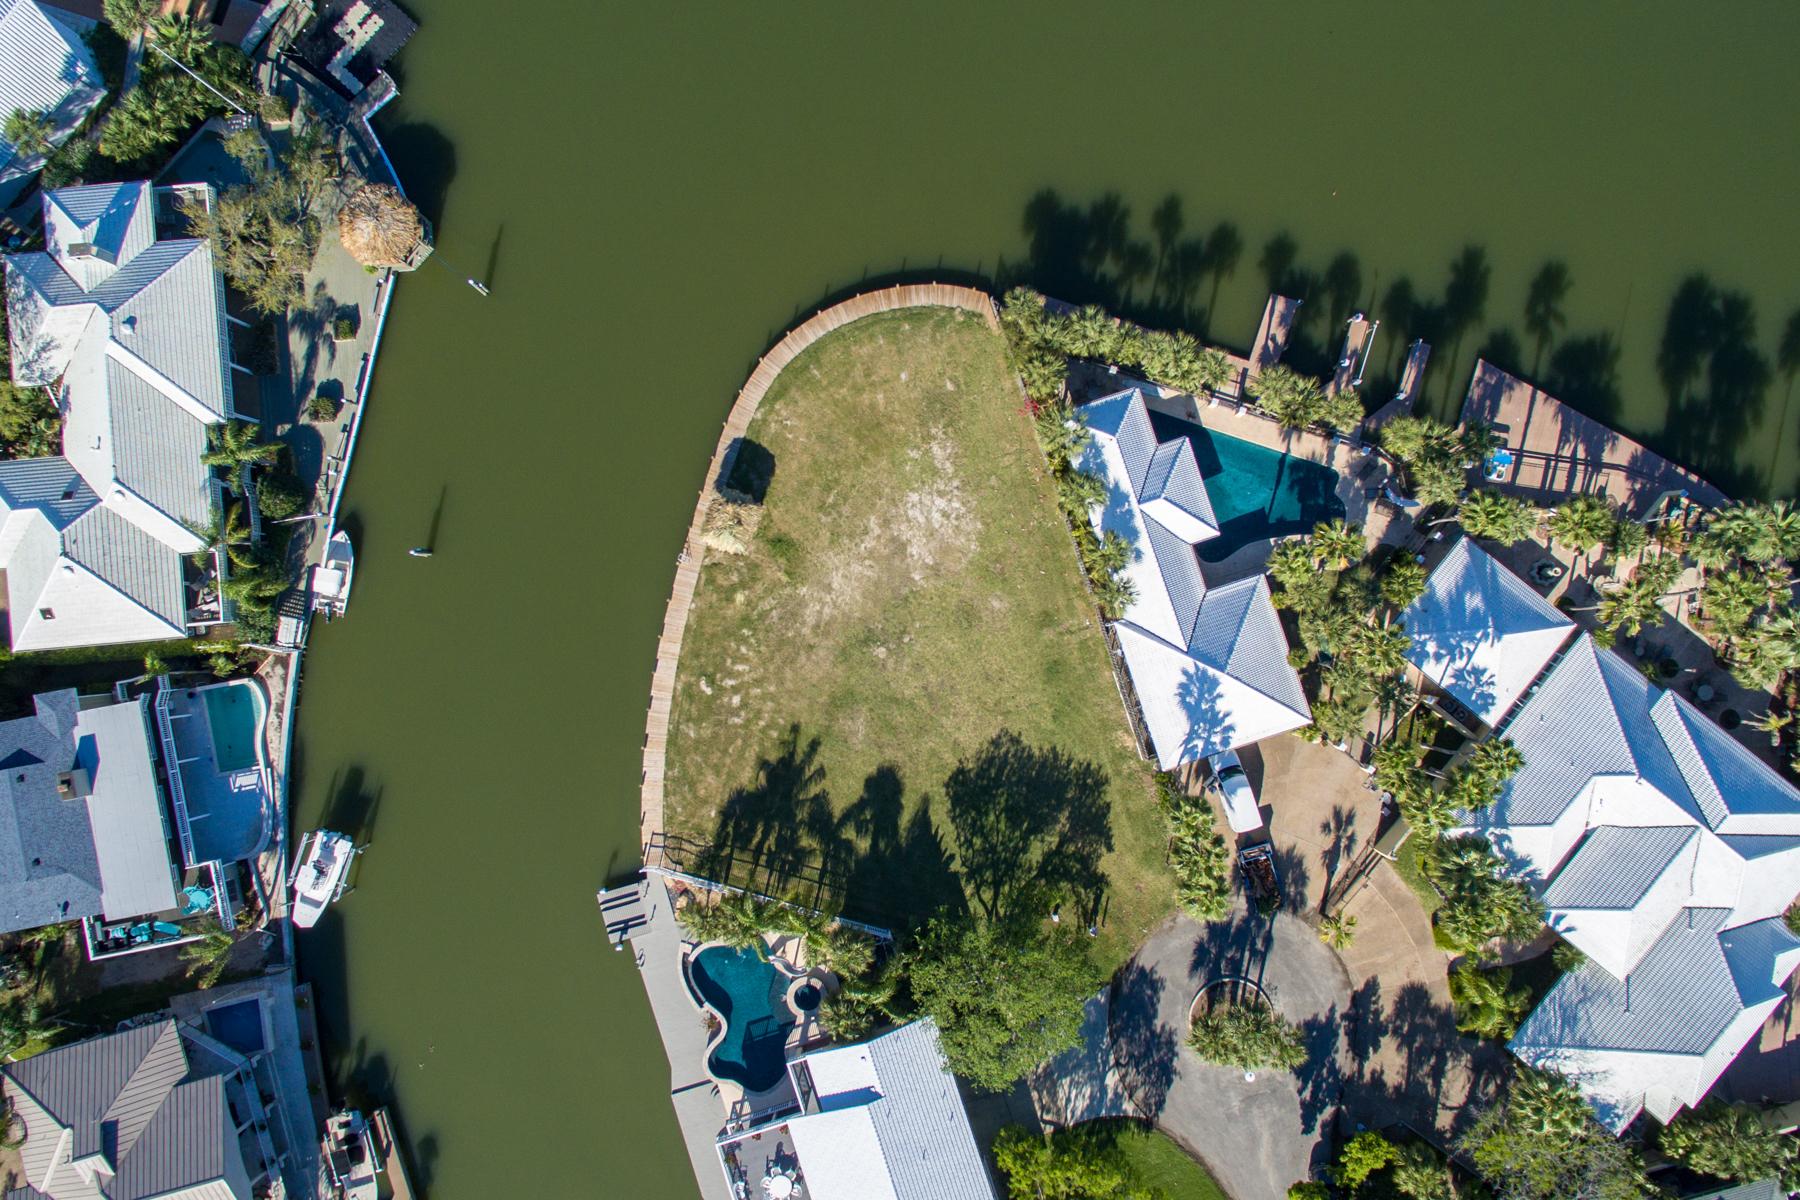 Terreno por un Venta en Spectacular Bayfront Lot in Rockport 34 Bahama Dr Rockport, Texas 78382 Estados Unidos